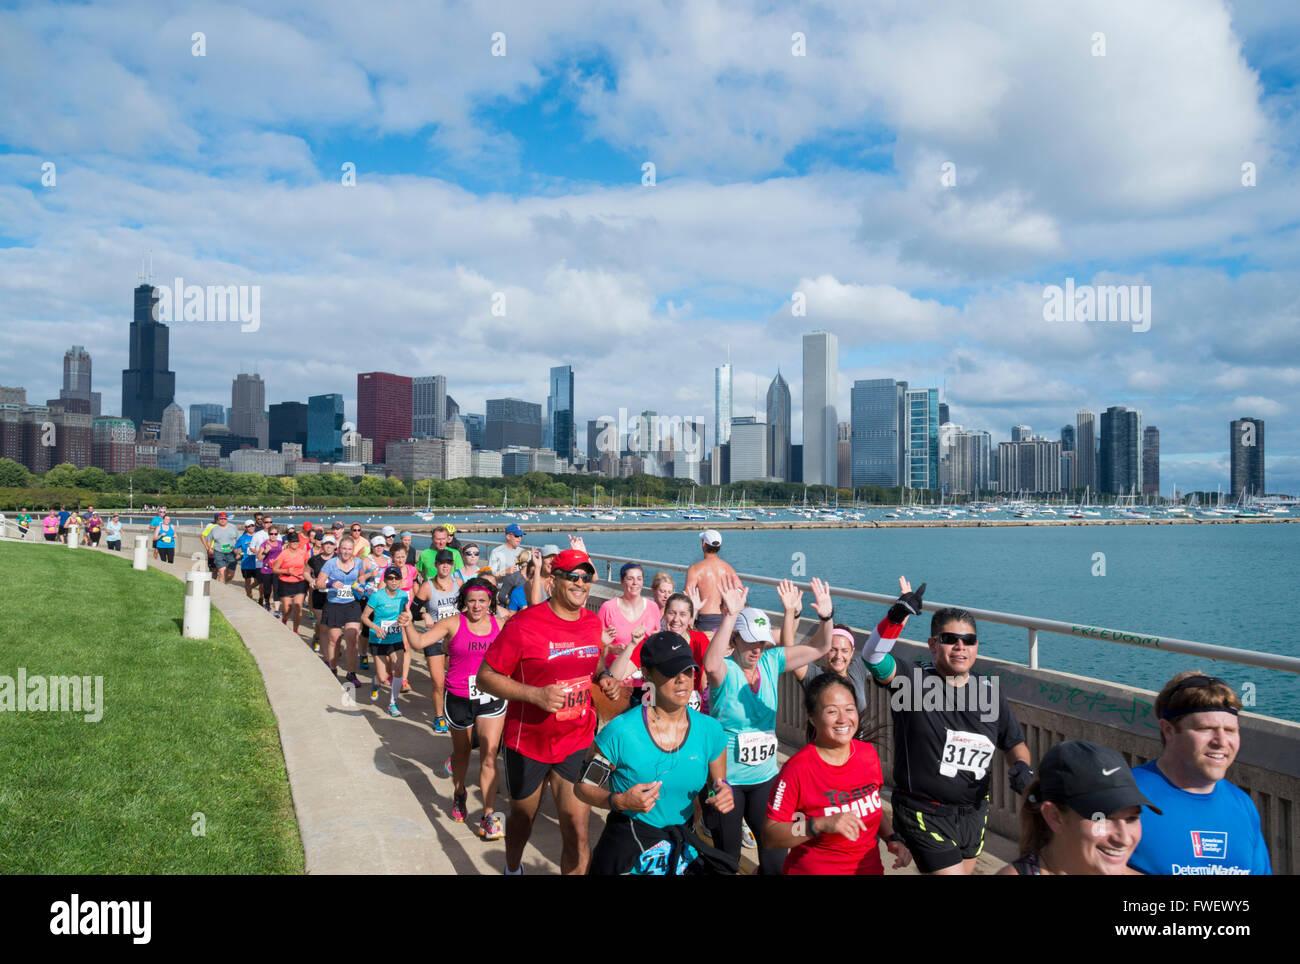 La Maratona di Chicago del lungolago, Downtown Chicago, Illinois, Stati Uniti d'America, America del Nord Immagini Stock